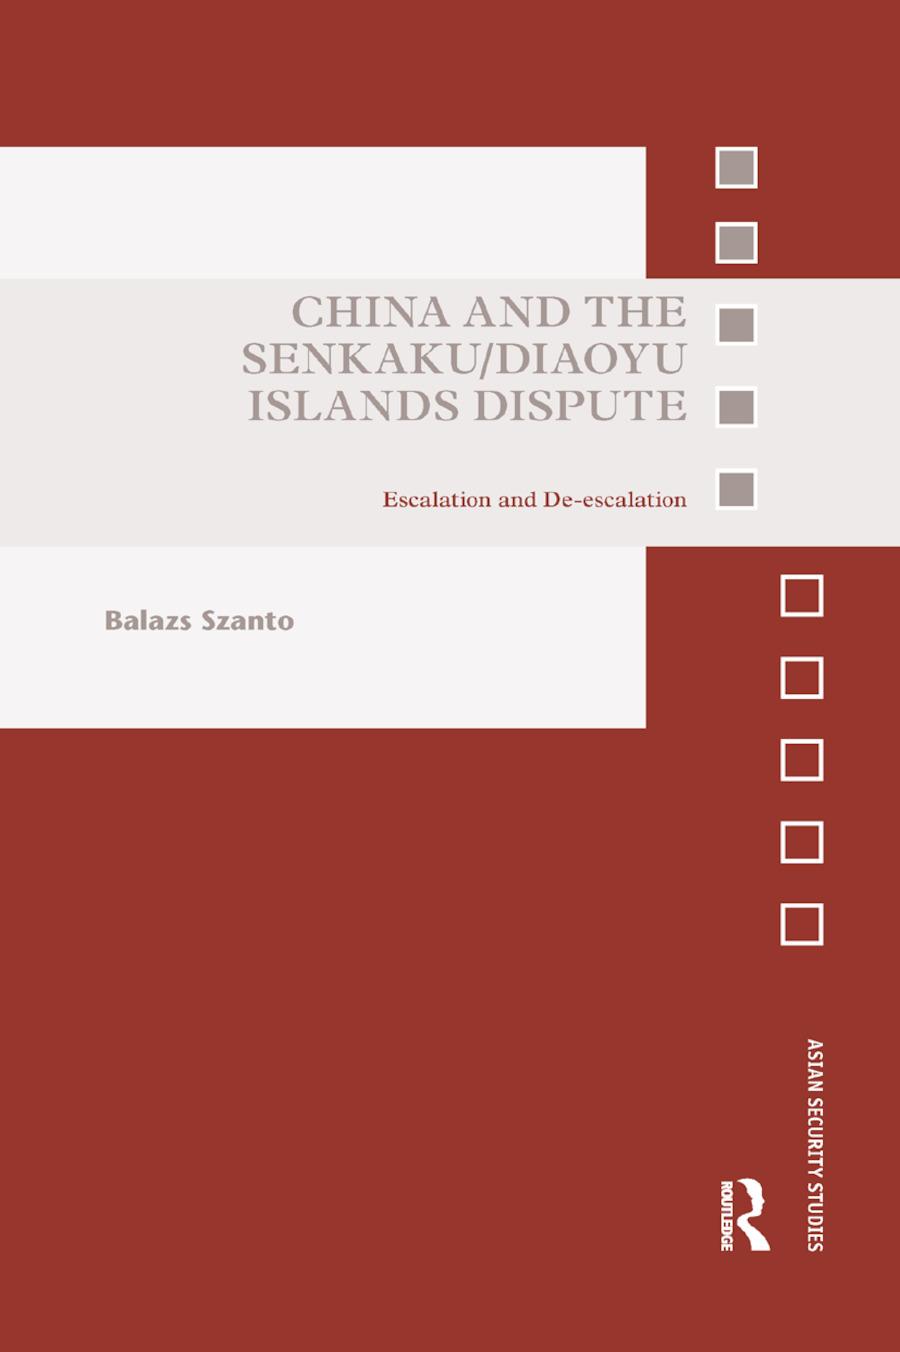 China and the Senkaku/Diaoyu Islands Dispute: Escalation and De-escalation book cover